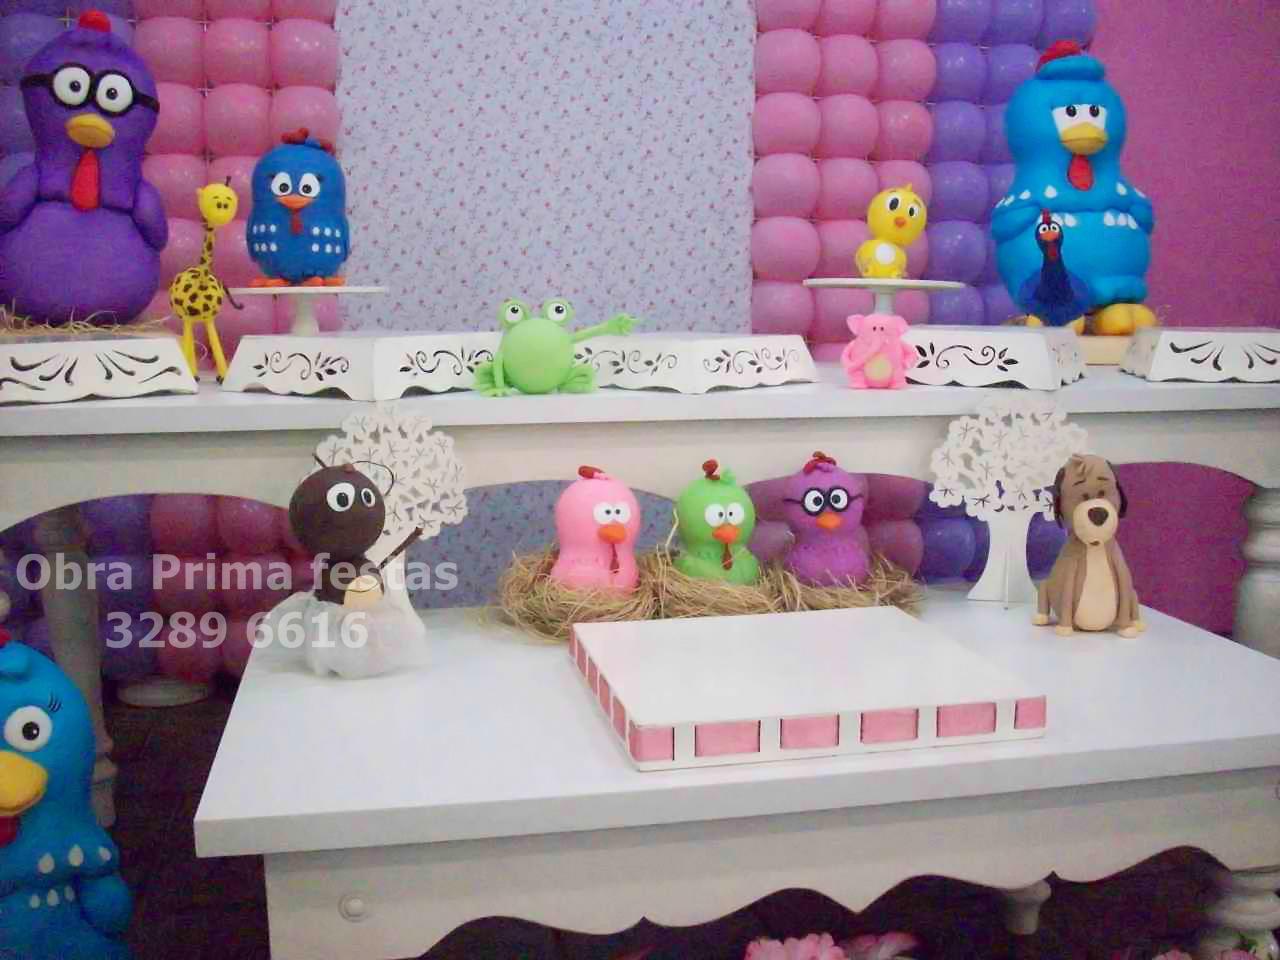 decoracao festa galinha pintadinha rosa: Prima festas e decorações: Festa Galinha Pintadinha Rosa e Lilás